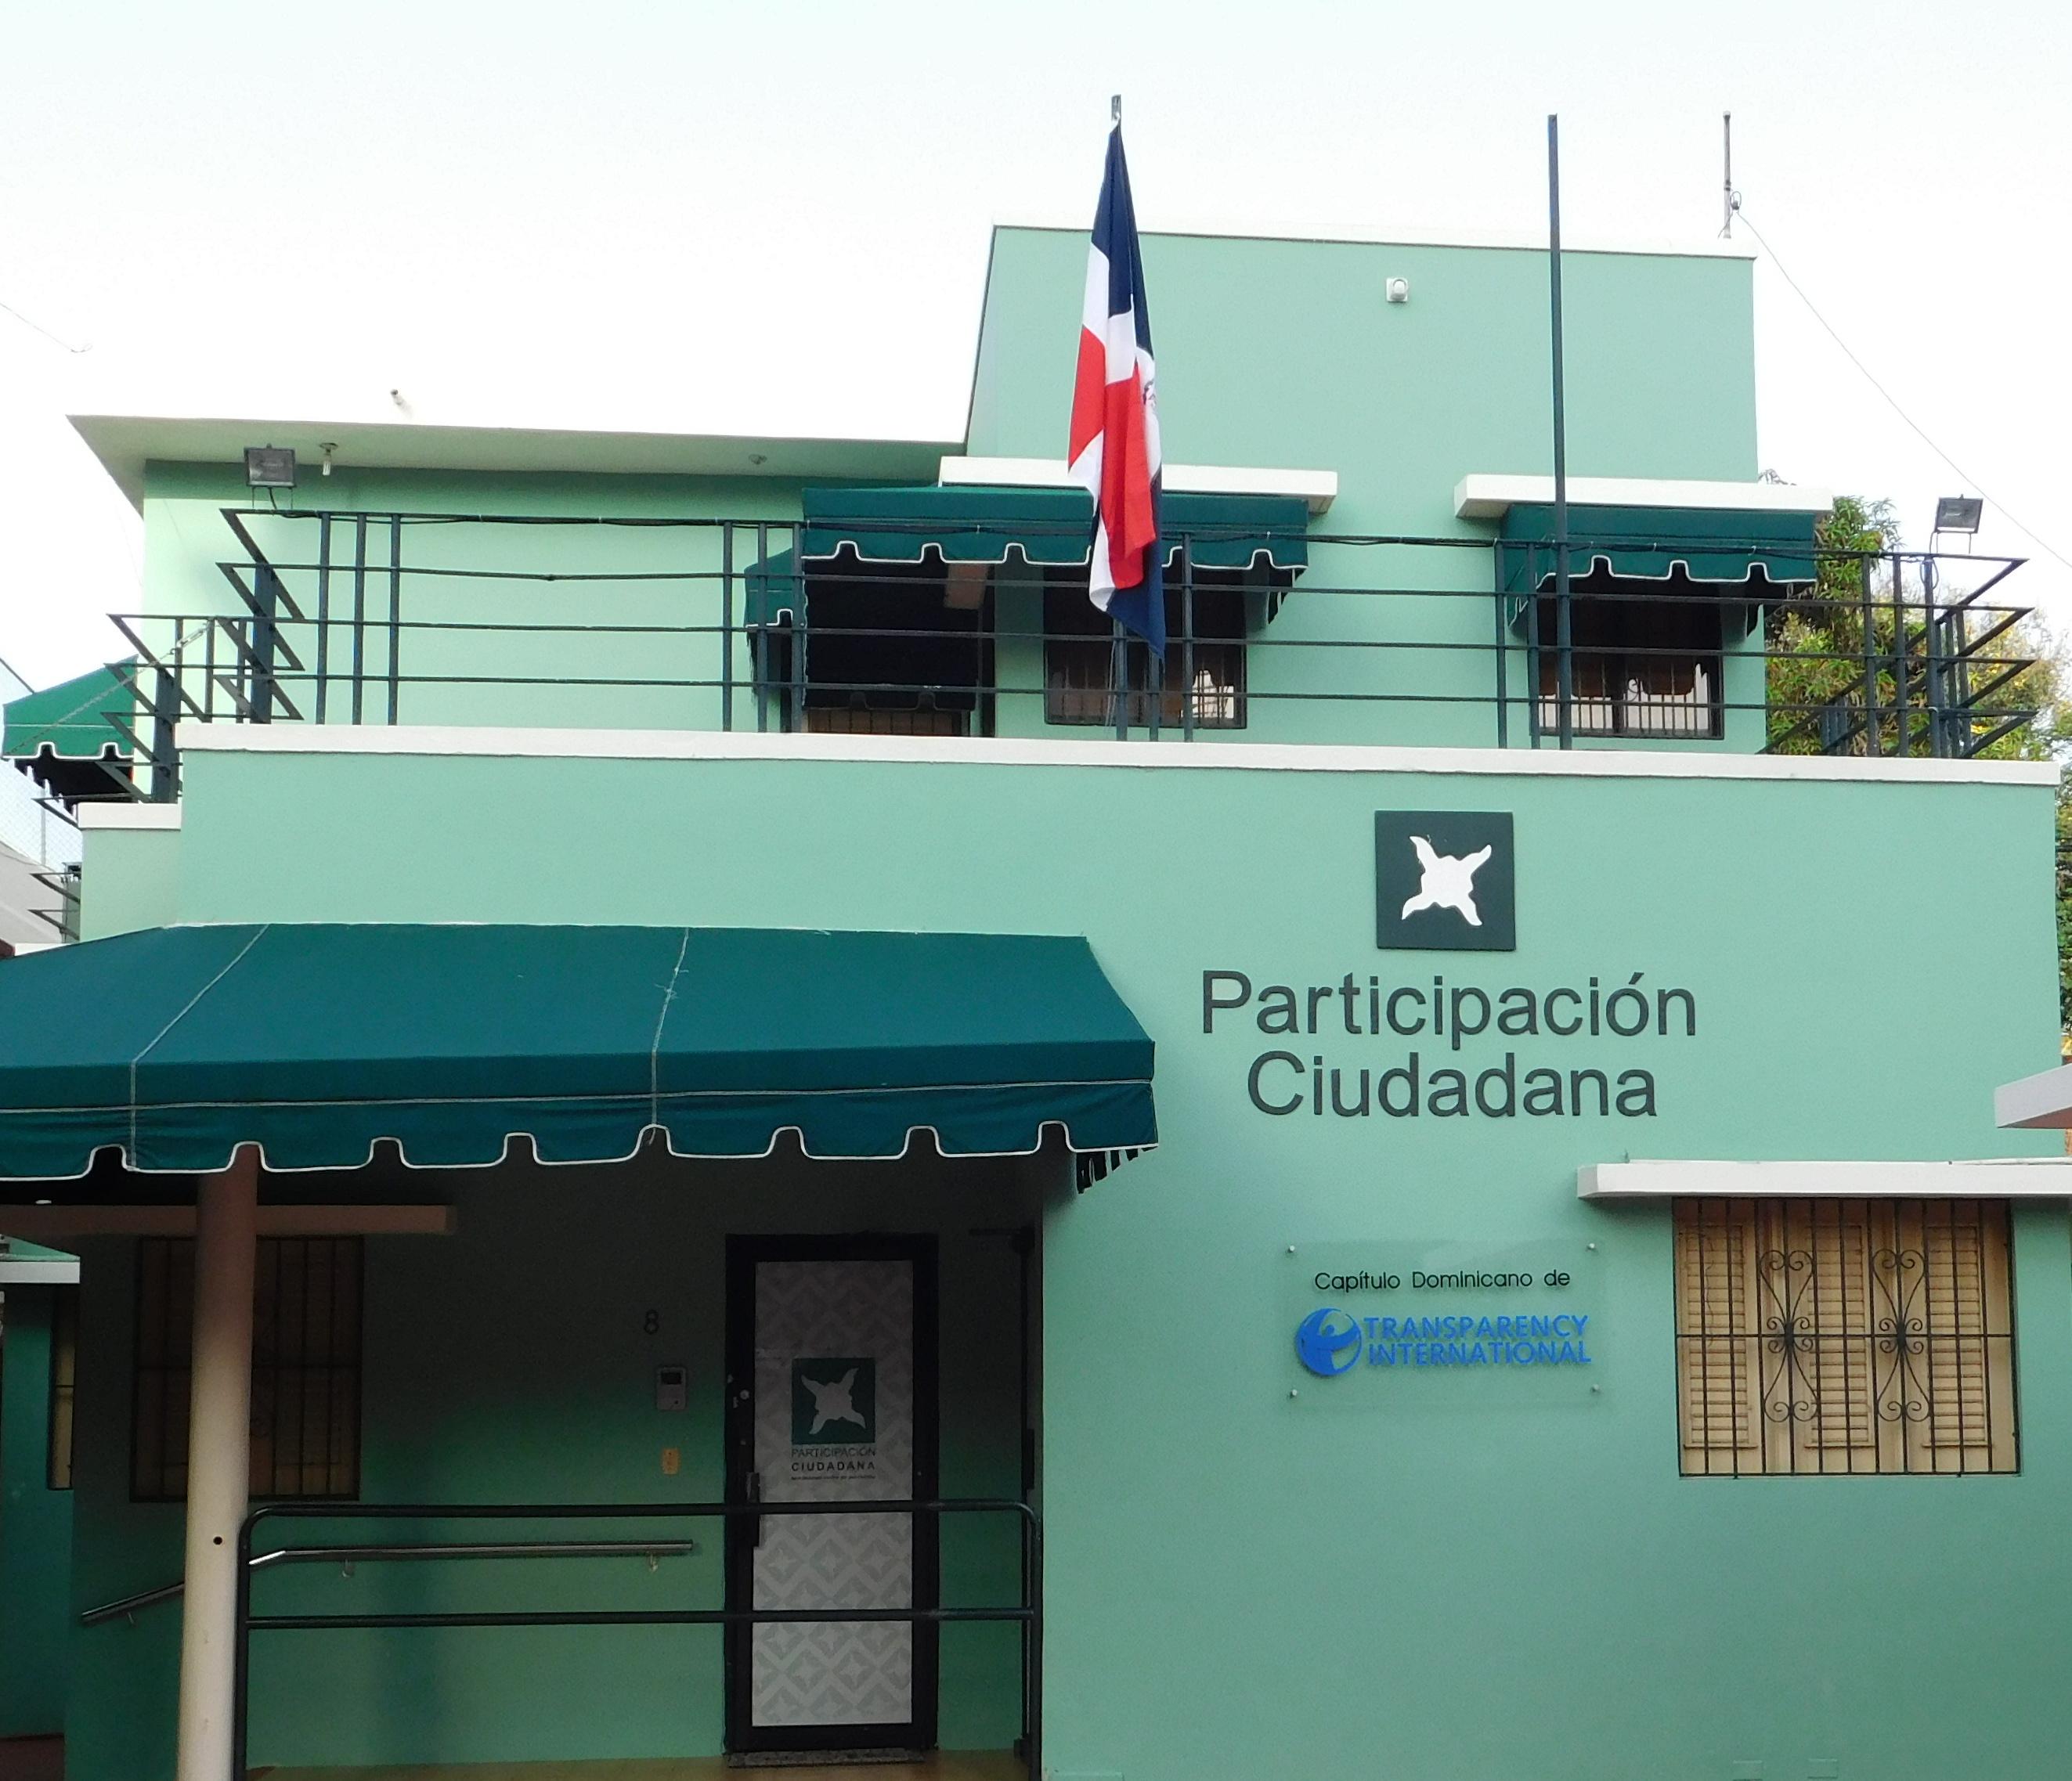 Participación Ciudadana exige licencia o renuncia de funcionarios públicos en campaña